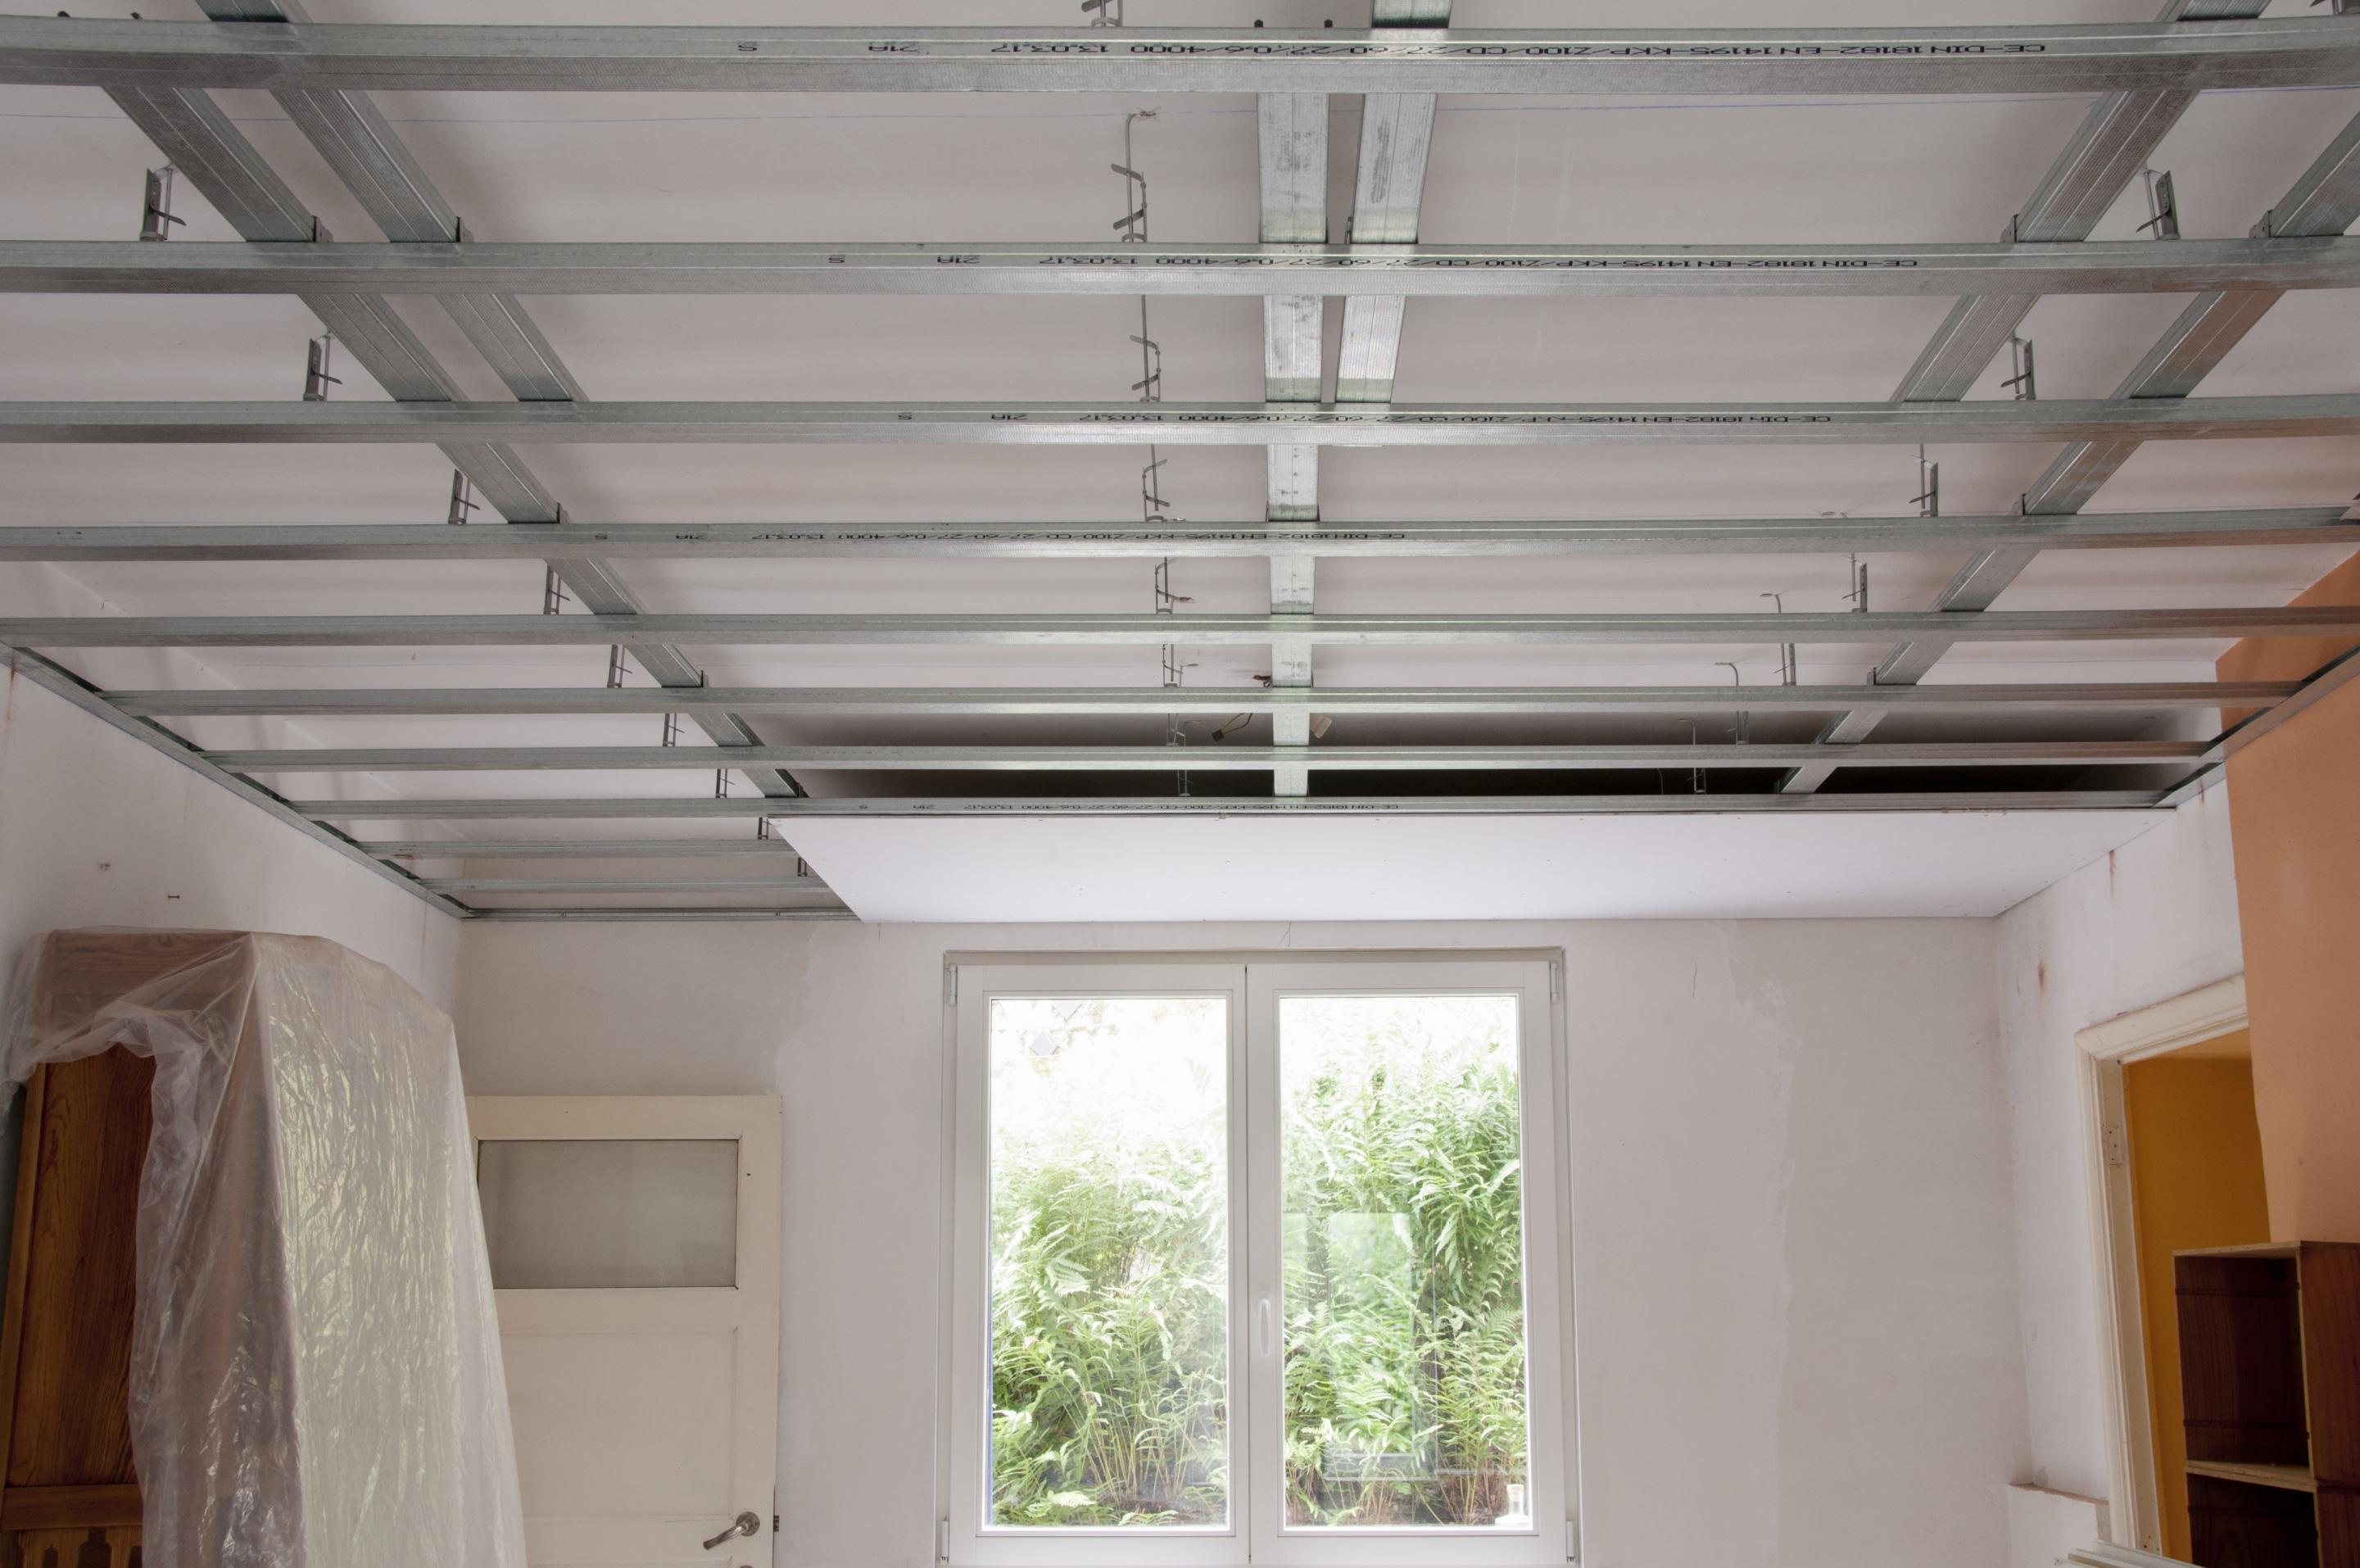 Faux Plafond Suspendu En Dalles Isolantes faire un faux plafond